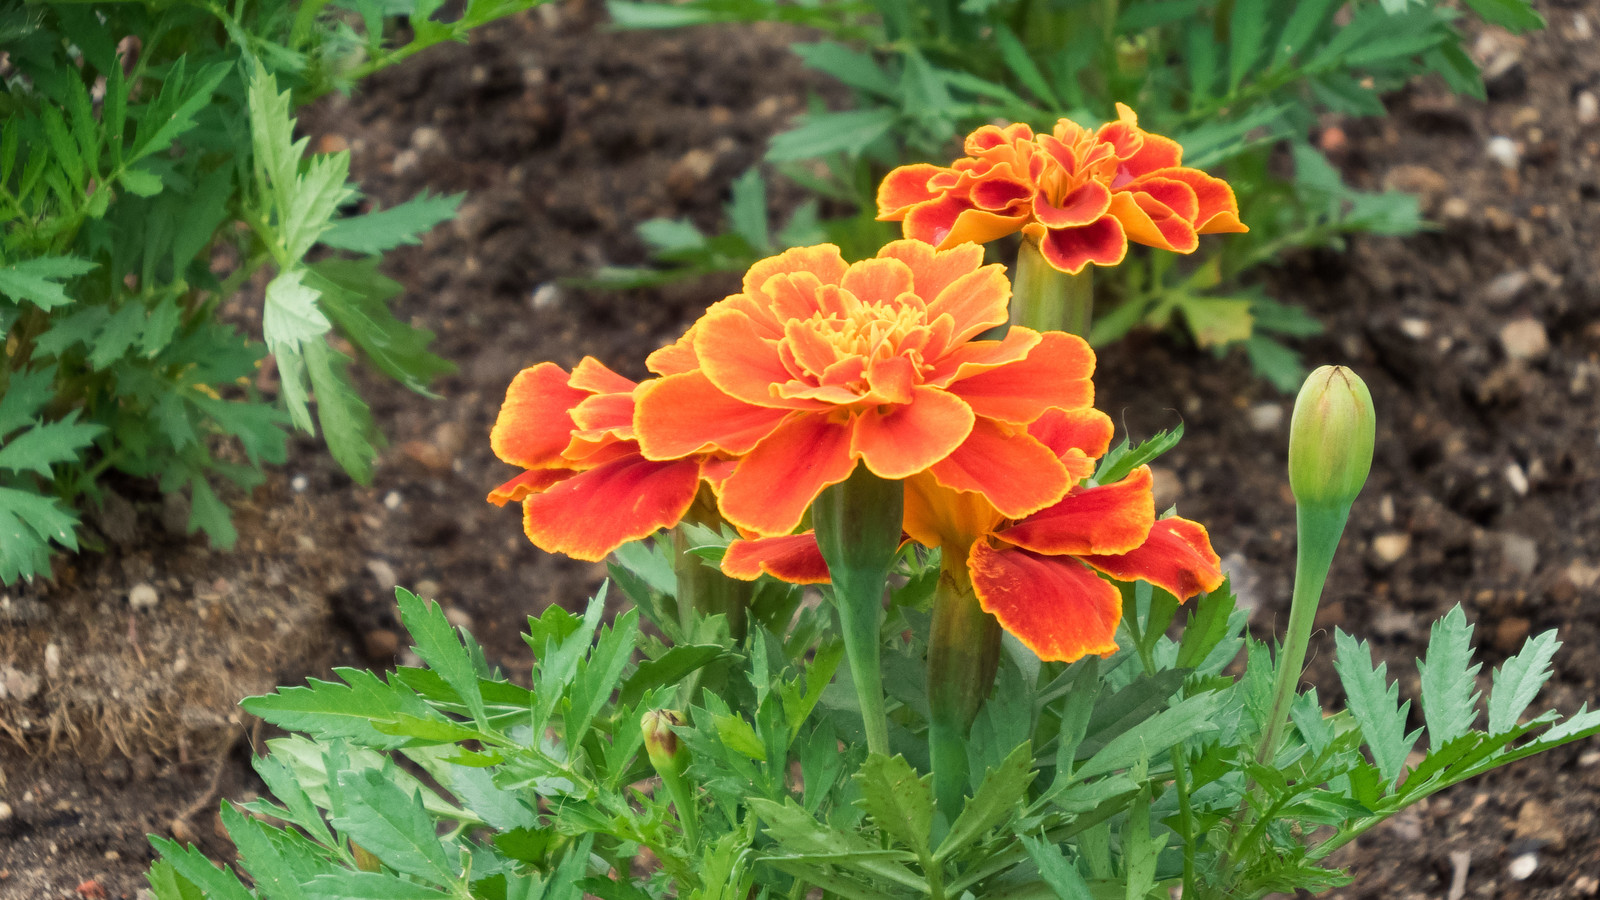 「庭に咲いたフレンチマリーゴールド」の写真